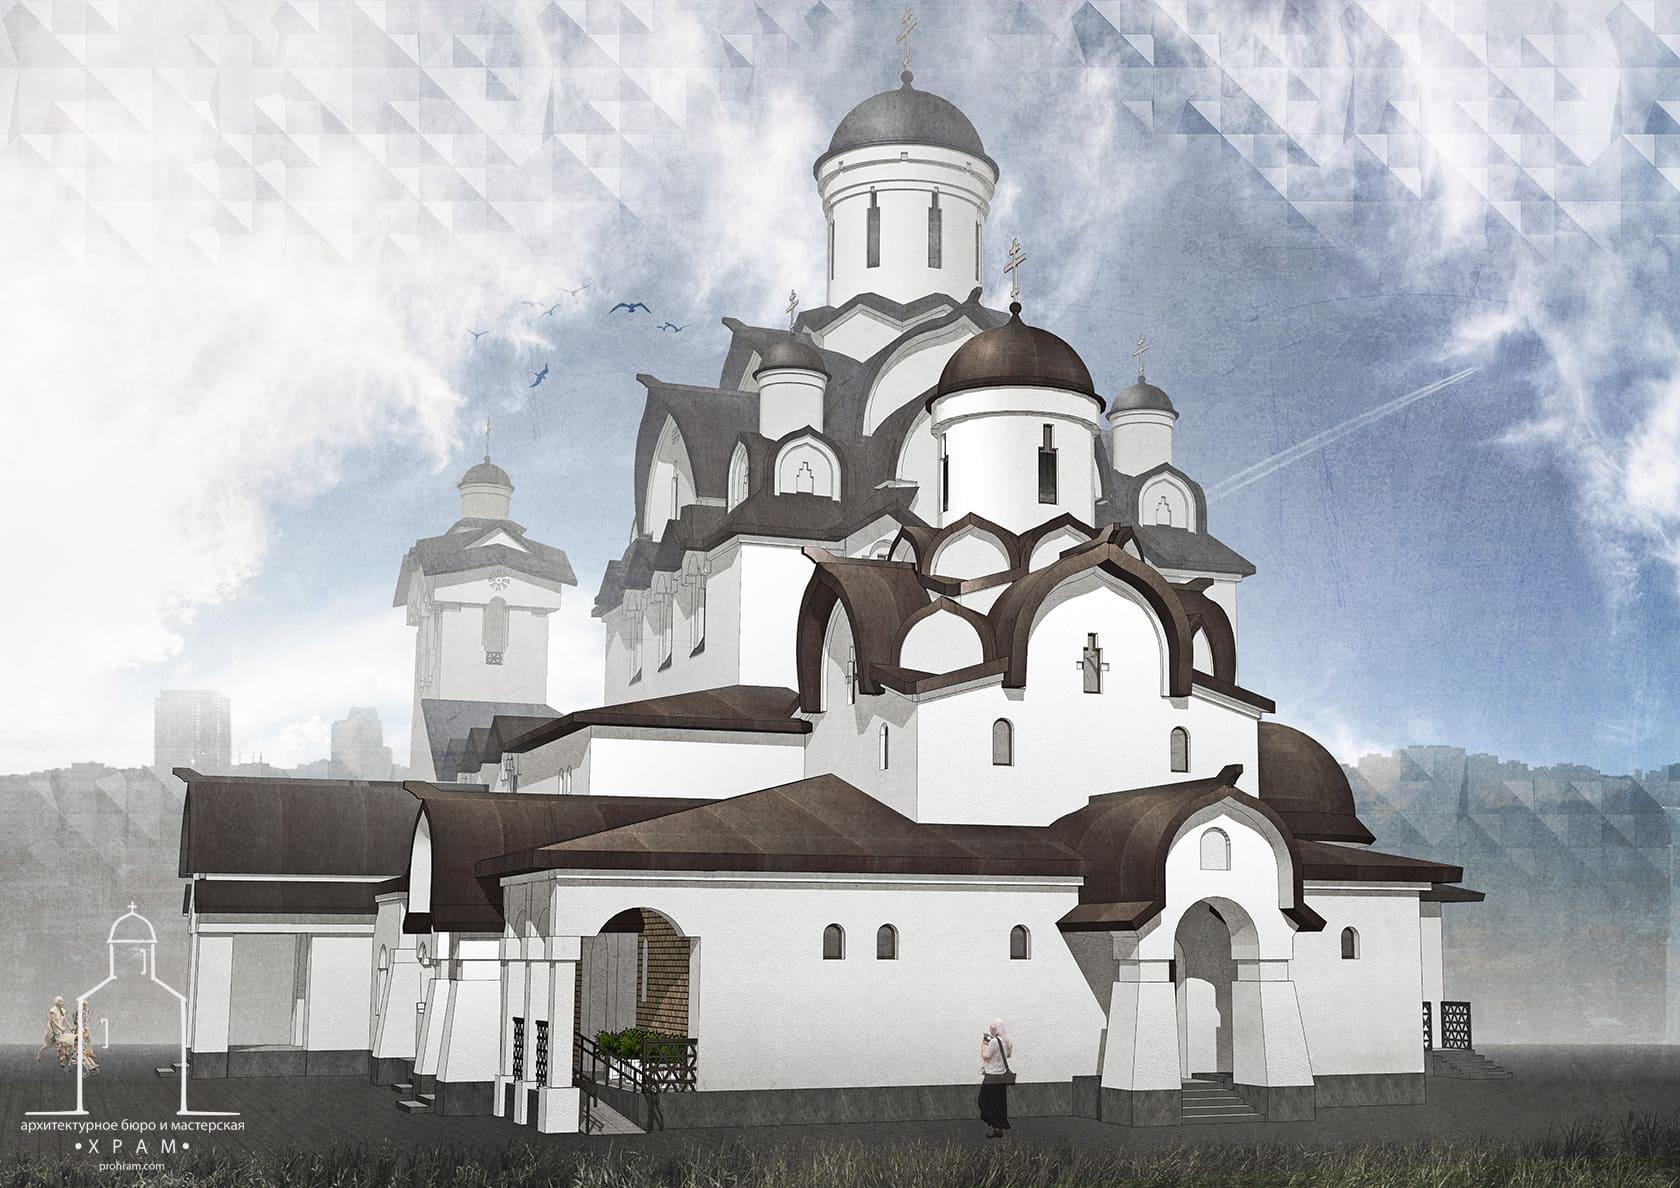 православный храм проект, архитектурное бюро мастерская, проект православного храма, каменный храм